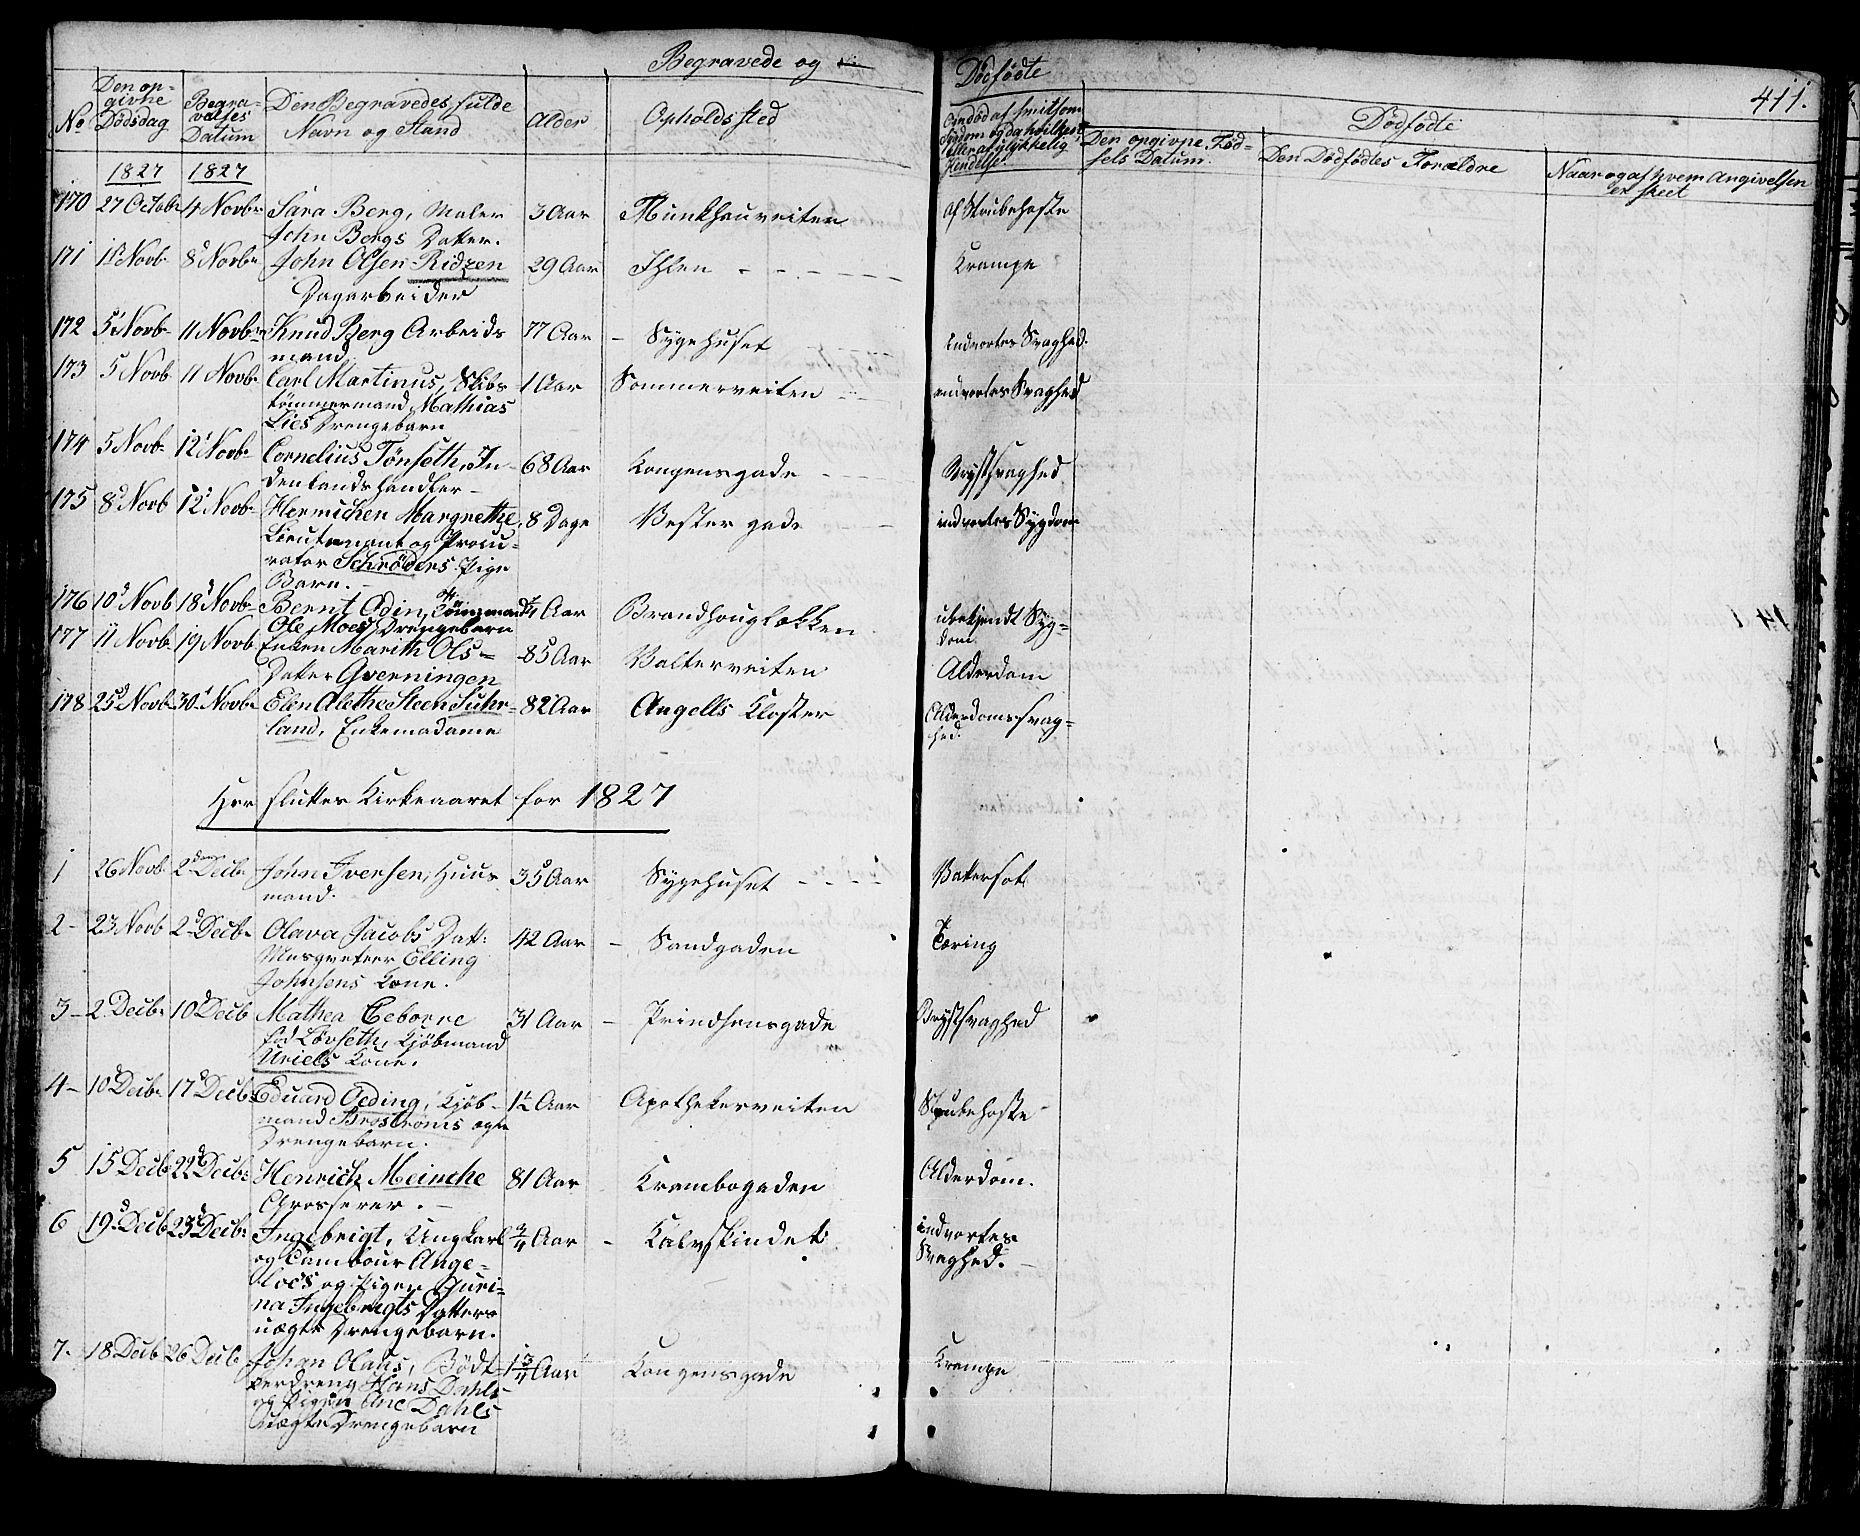 SAT, Ministerialprotokoller, klokkerbøker og fødselsregistre - Sør-Trøndelag, 601/L0045: Ministerialbok nr. 601A13, 1821-1831, s. 411